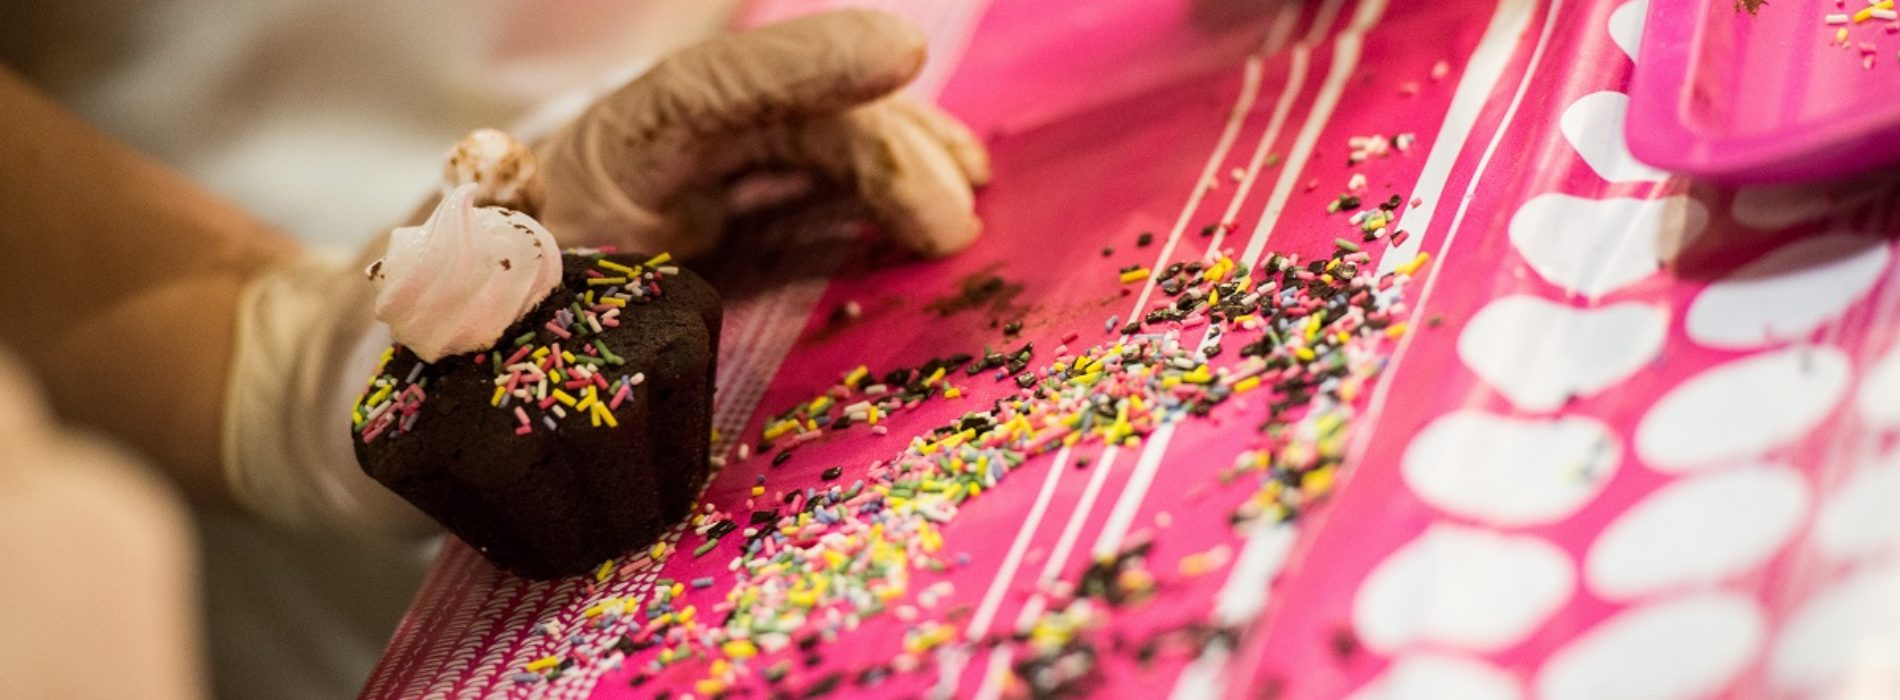 Salon du chocolat Milano 2017, statue e abiti di cioccolato nell'evento con Knam, Cracco e Oldani